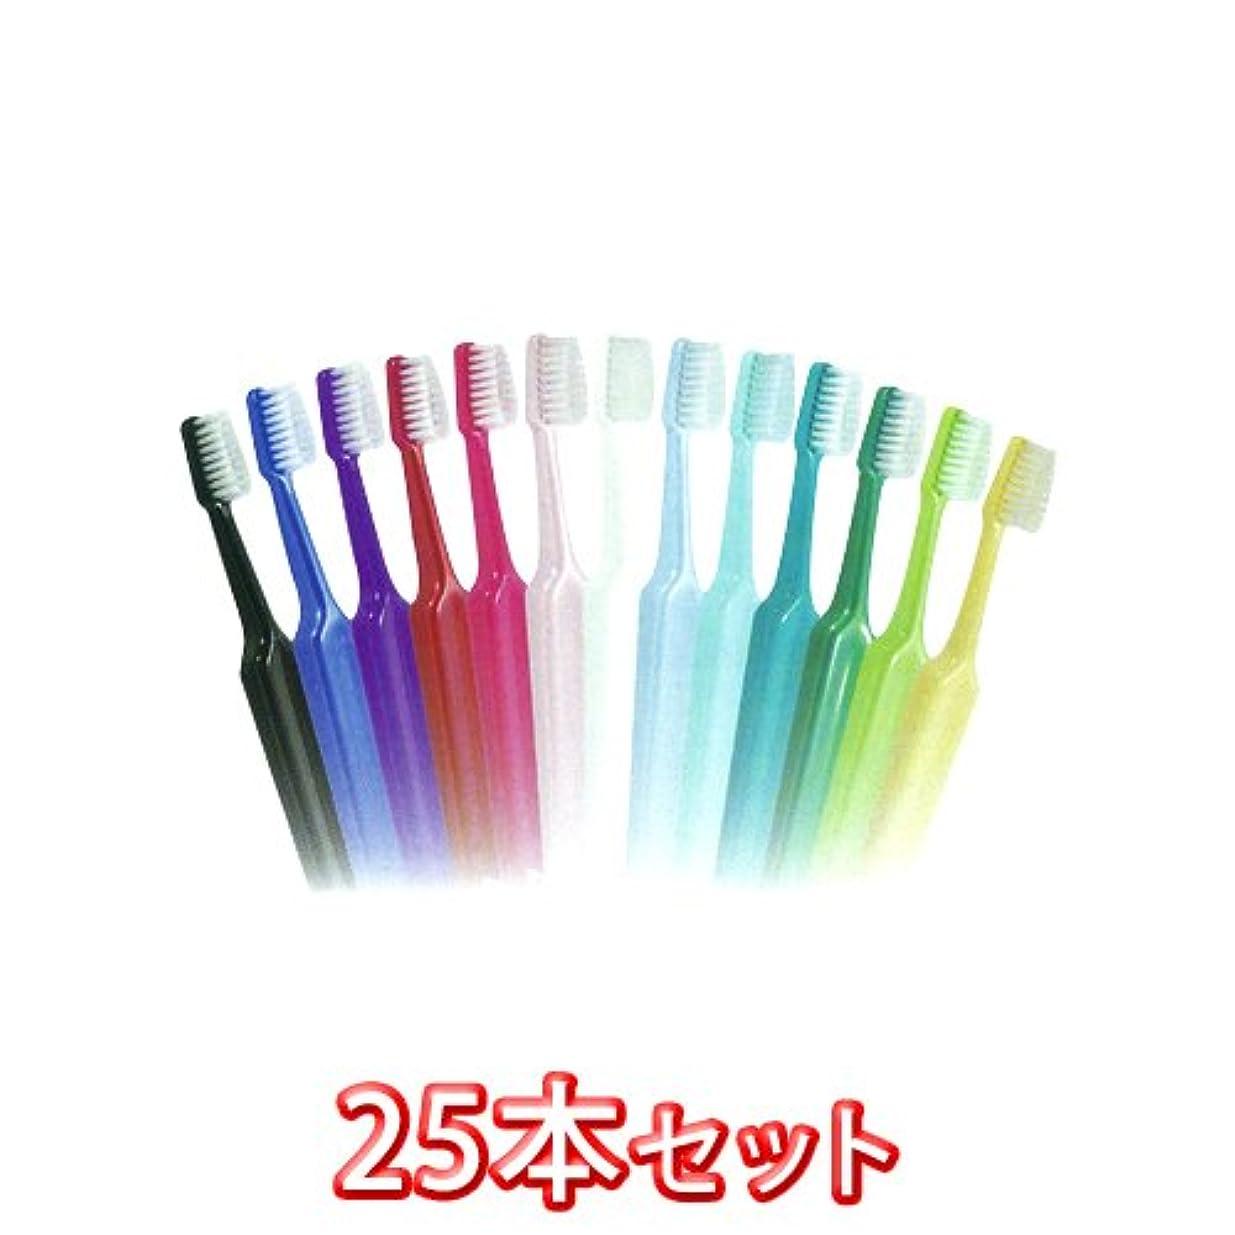 不名誉な人気の戻るTePe (テペ) セレクトミディアム 歯ブラシ 25本入